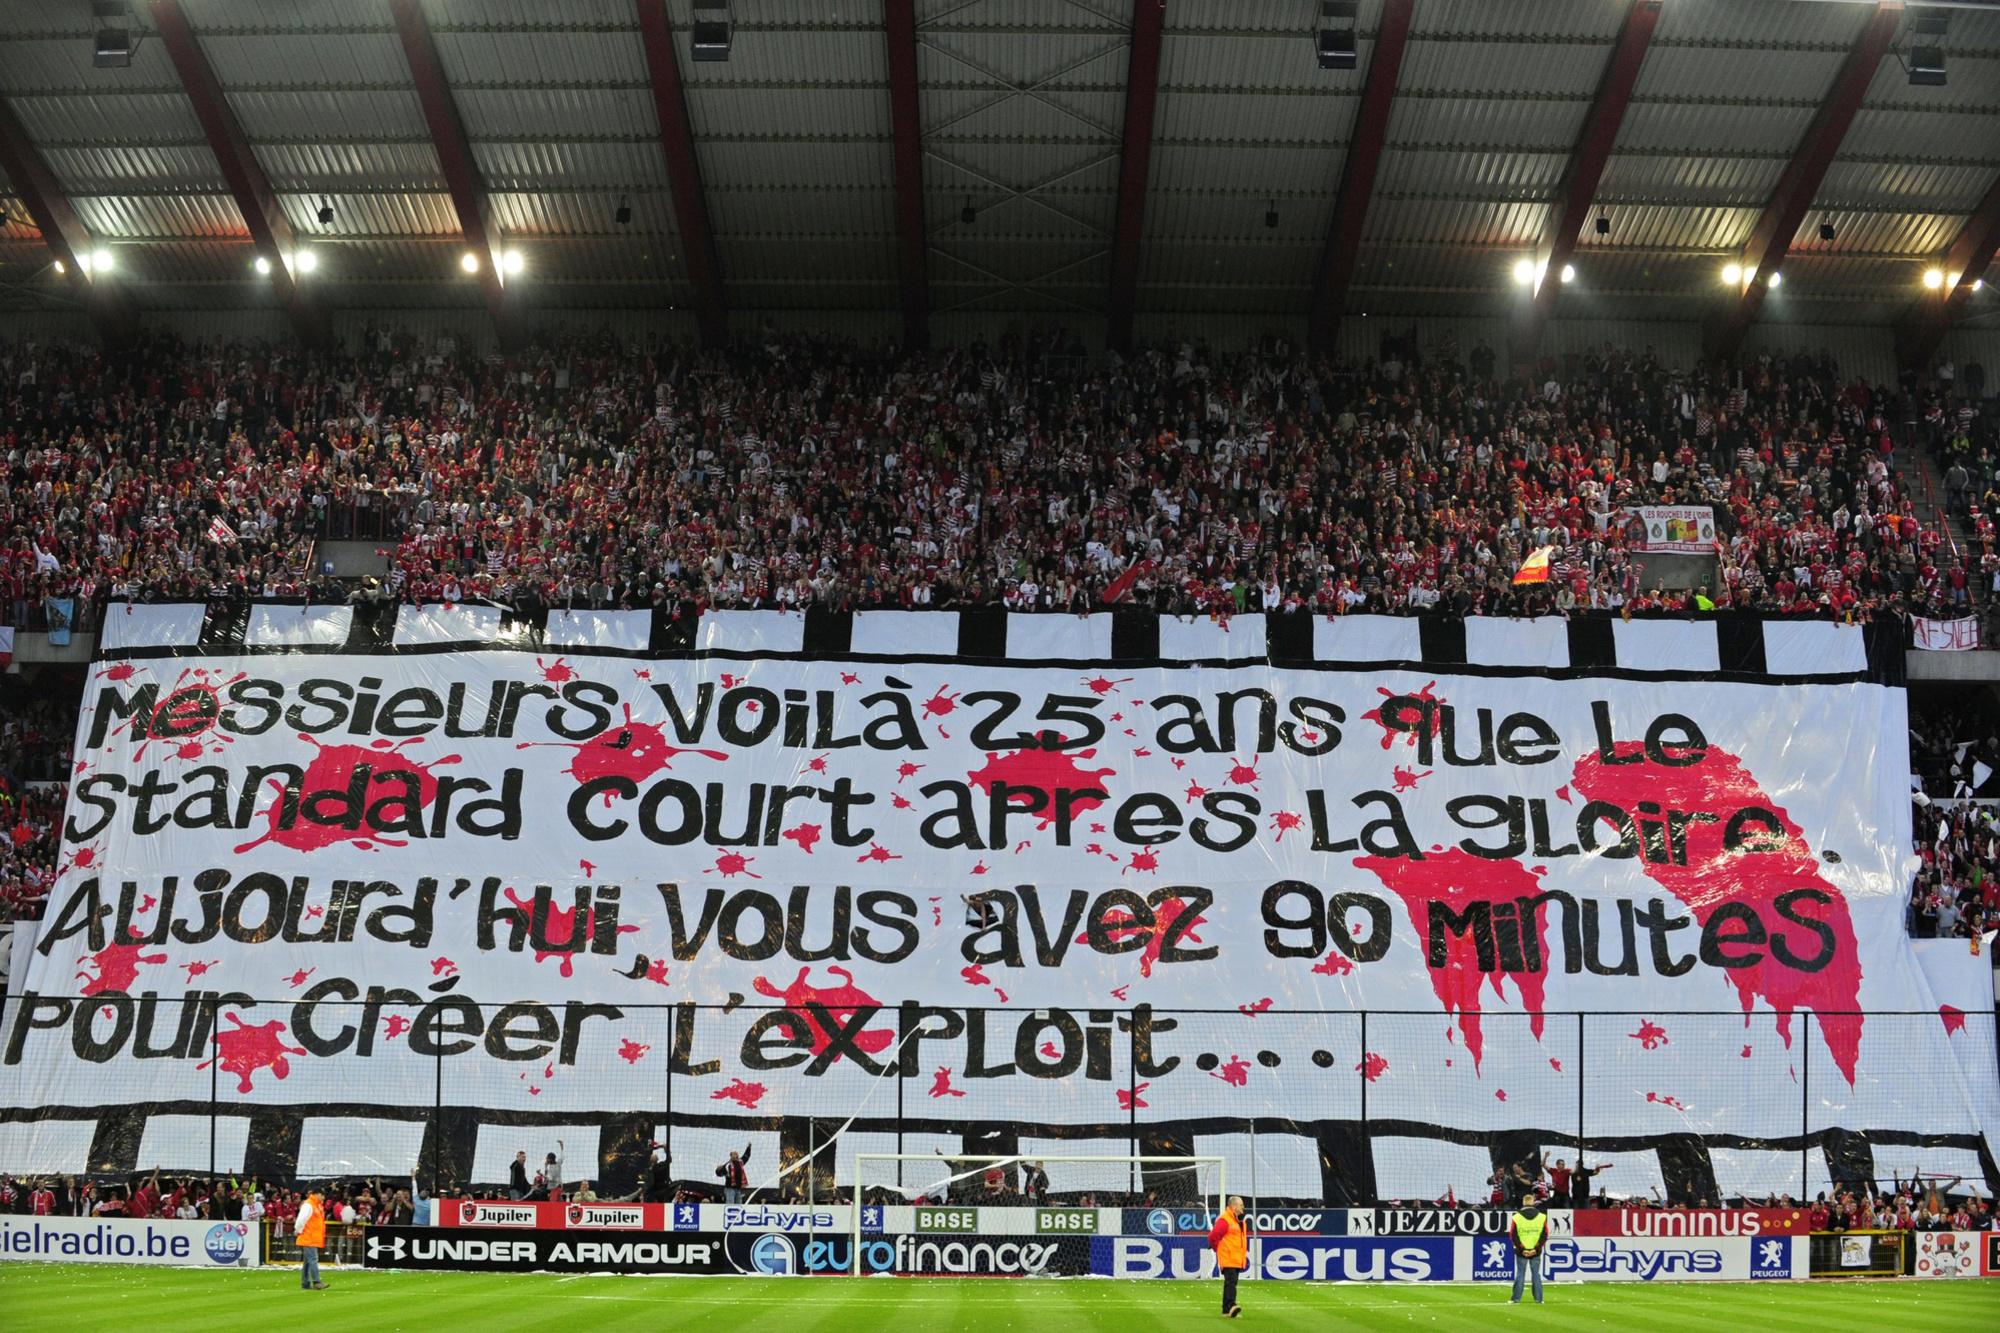 """""""Messieurs, voilà 25 ans que le Standard court apres la gloire. Aujourd'hui, vous avez 90 minutes pour créer l'exploit..."""", belga"""